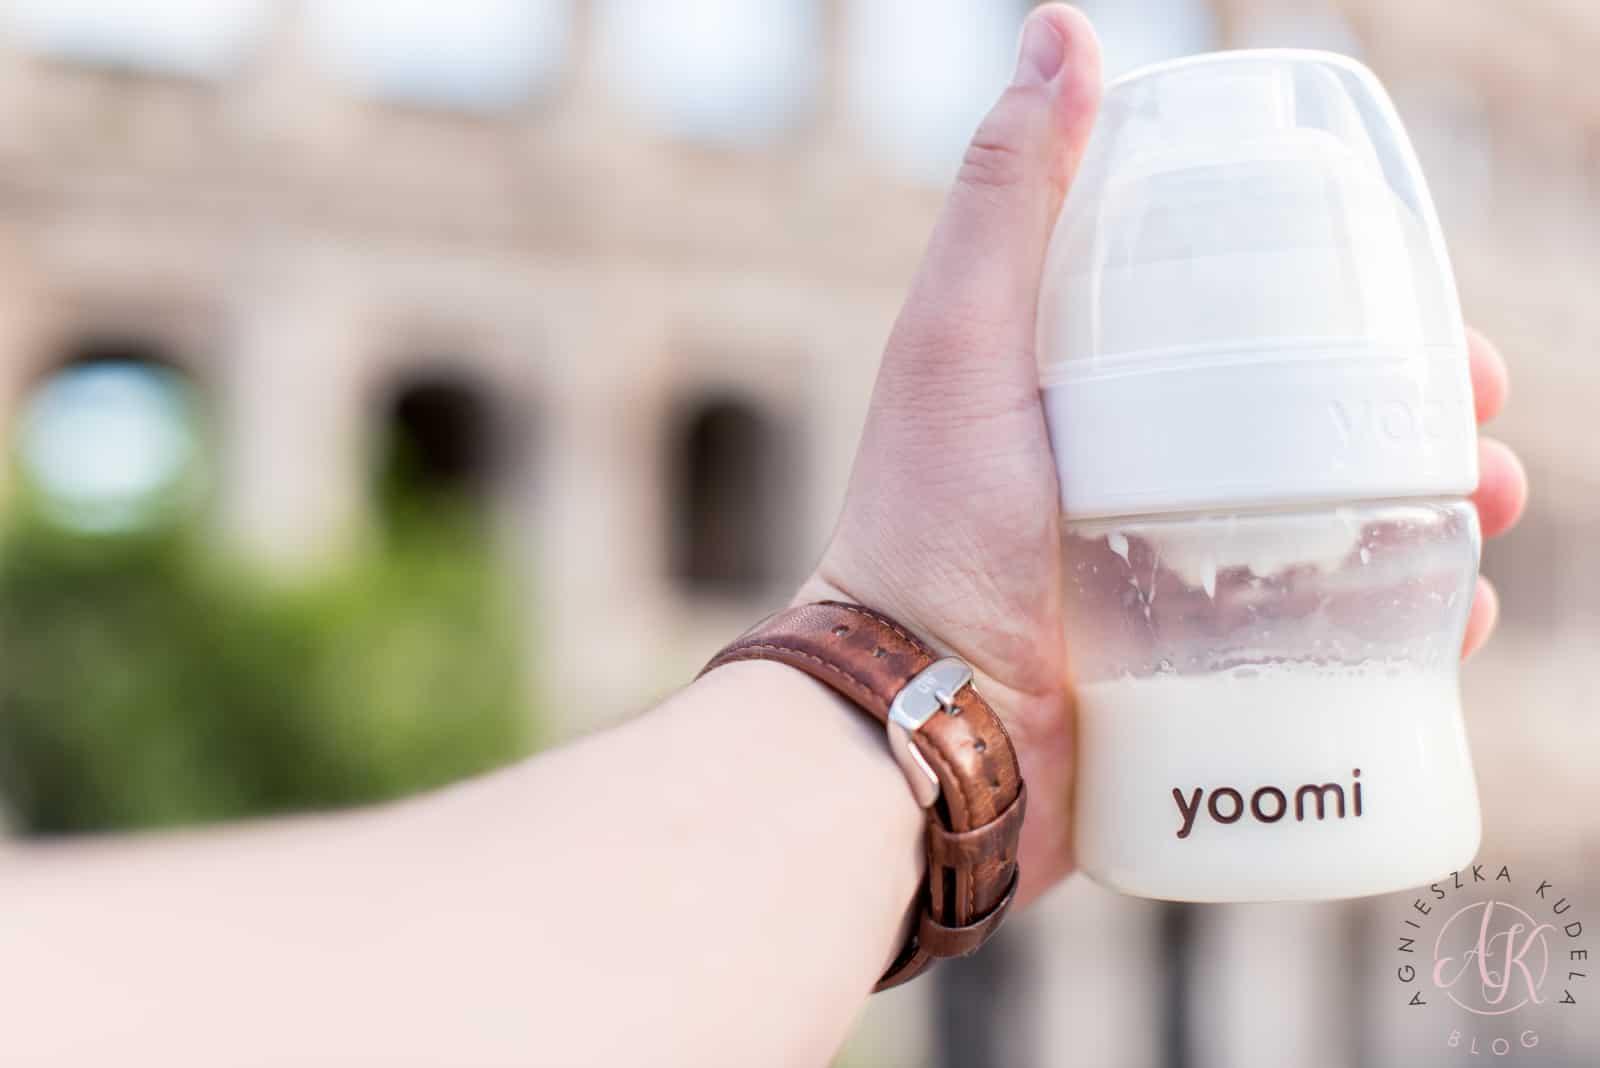 butelka yoomi